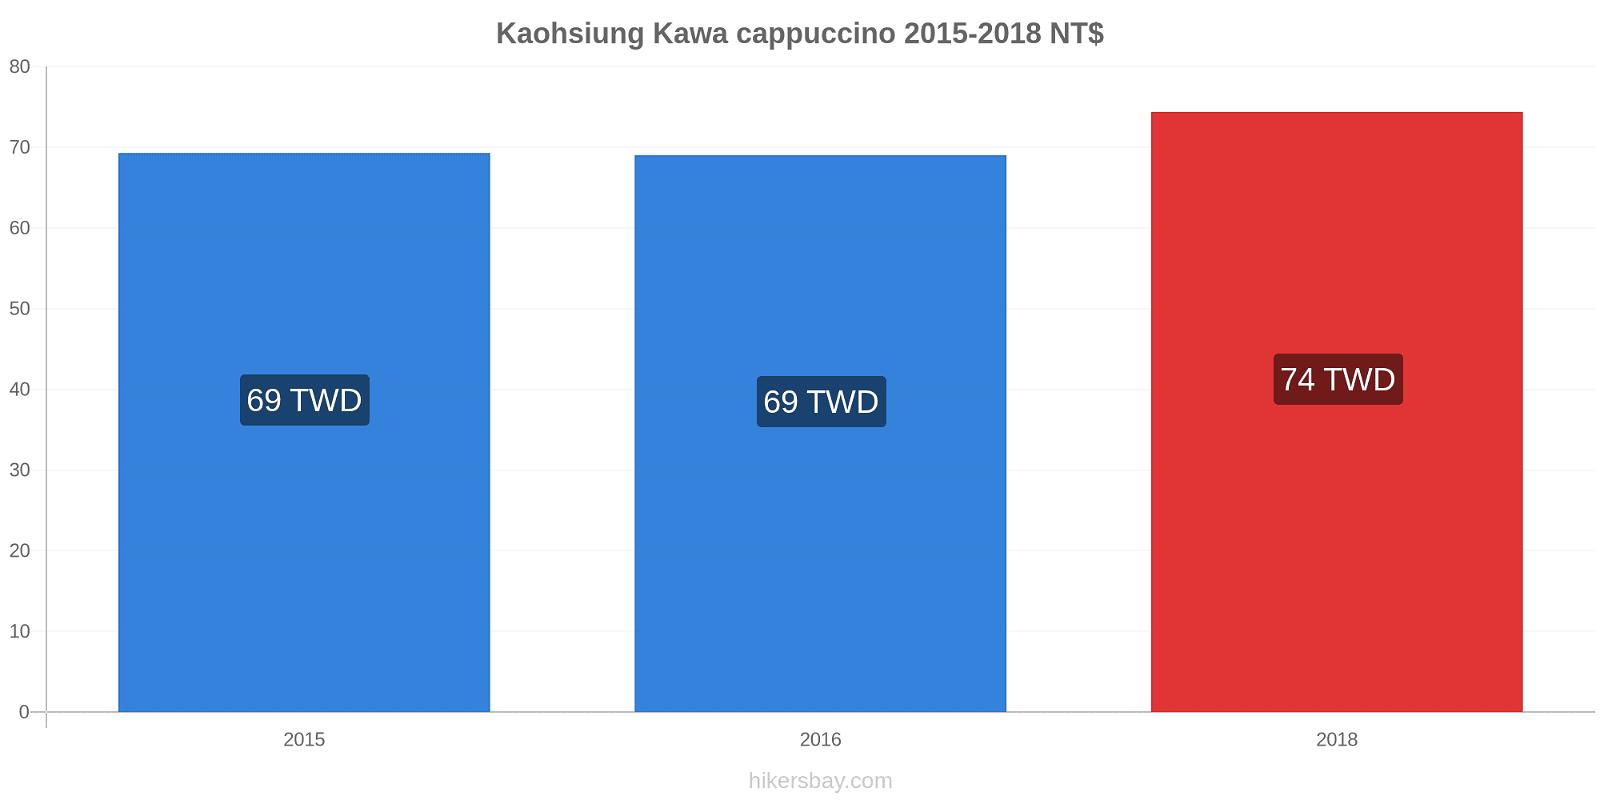 Kaohsiung zmiany cen Kawa cappuccino hikersbay.com